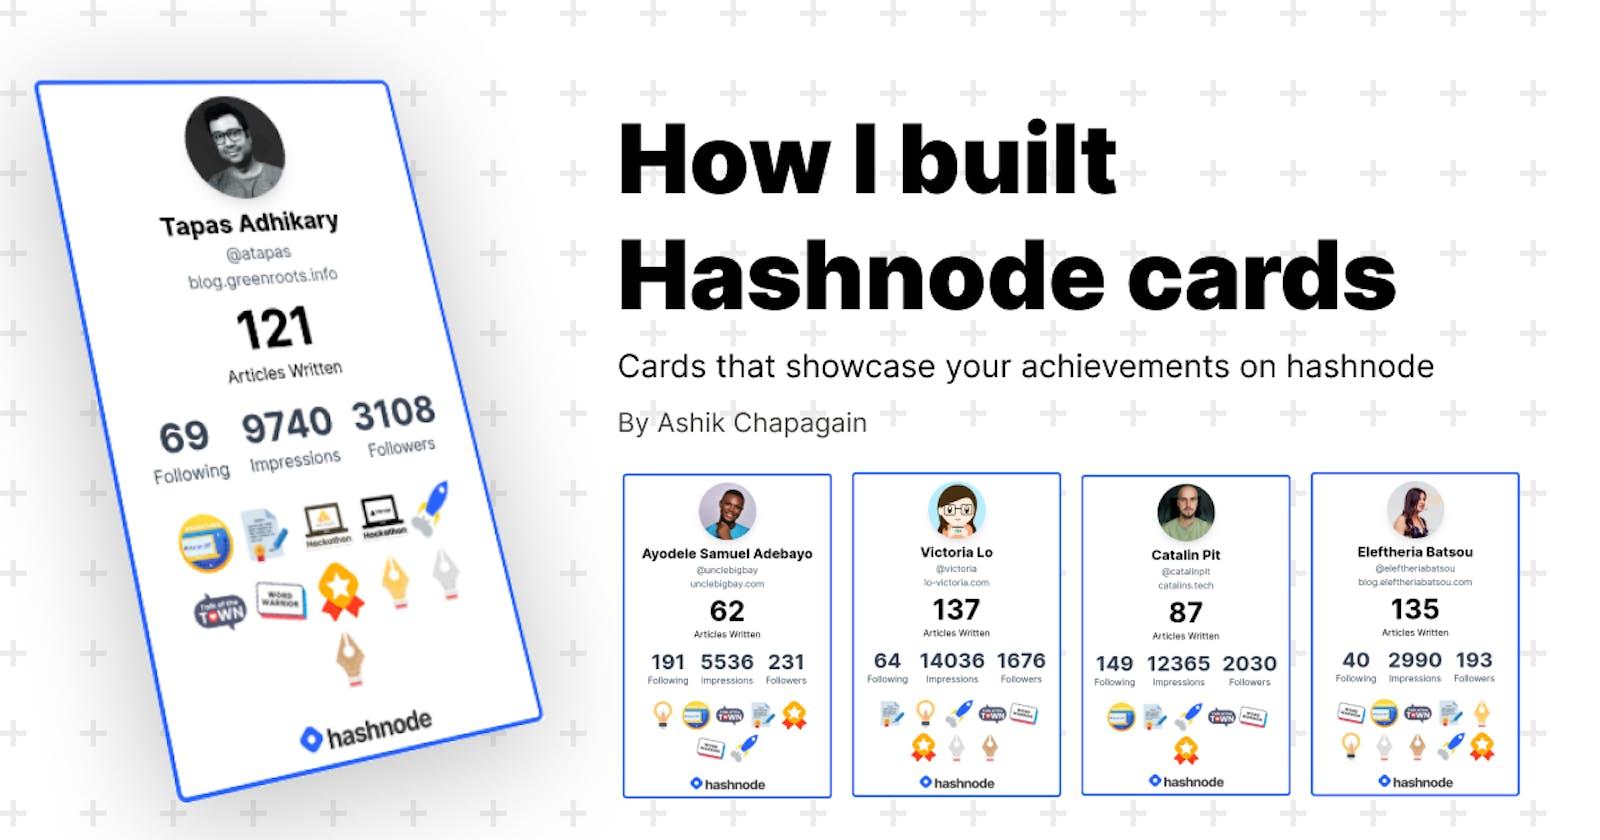 How I built Hashnode cards?